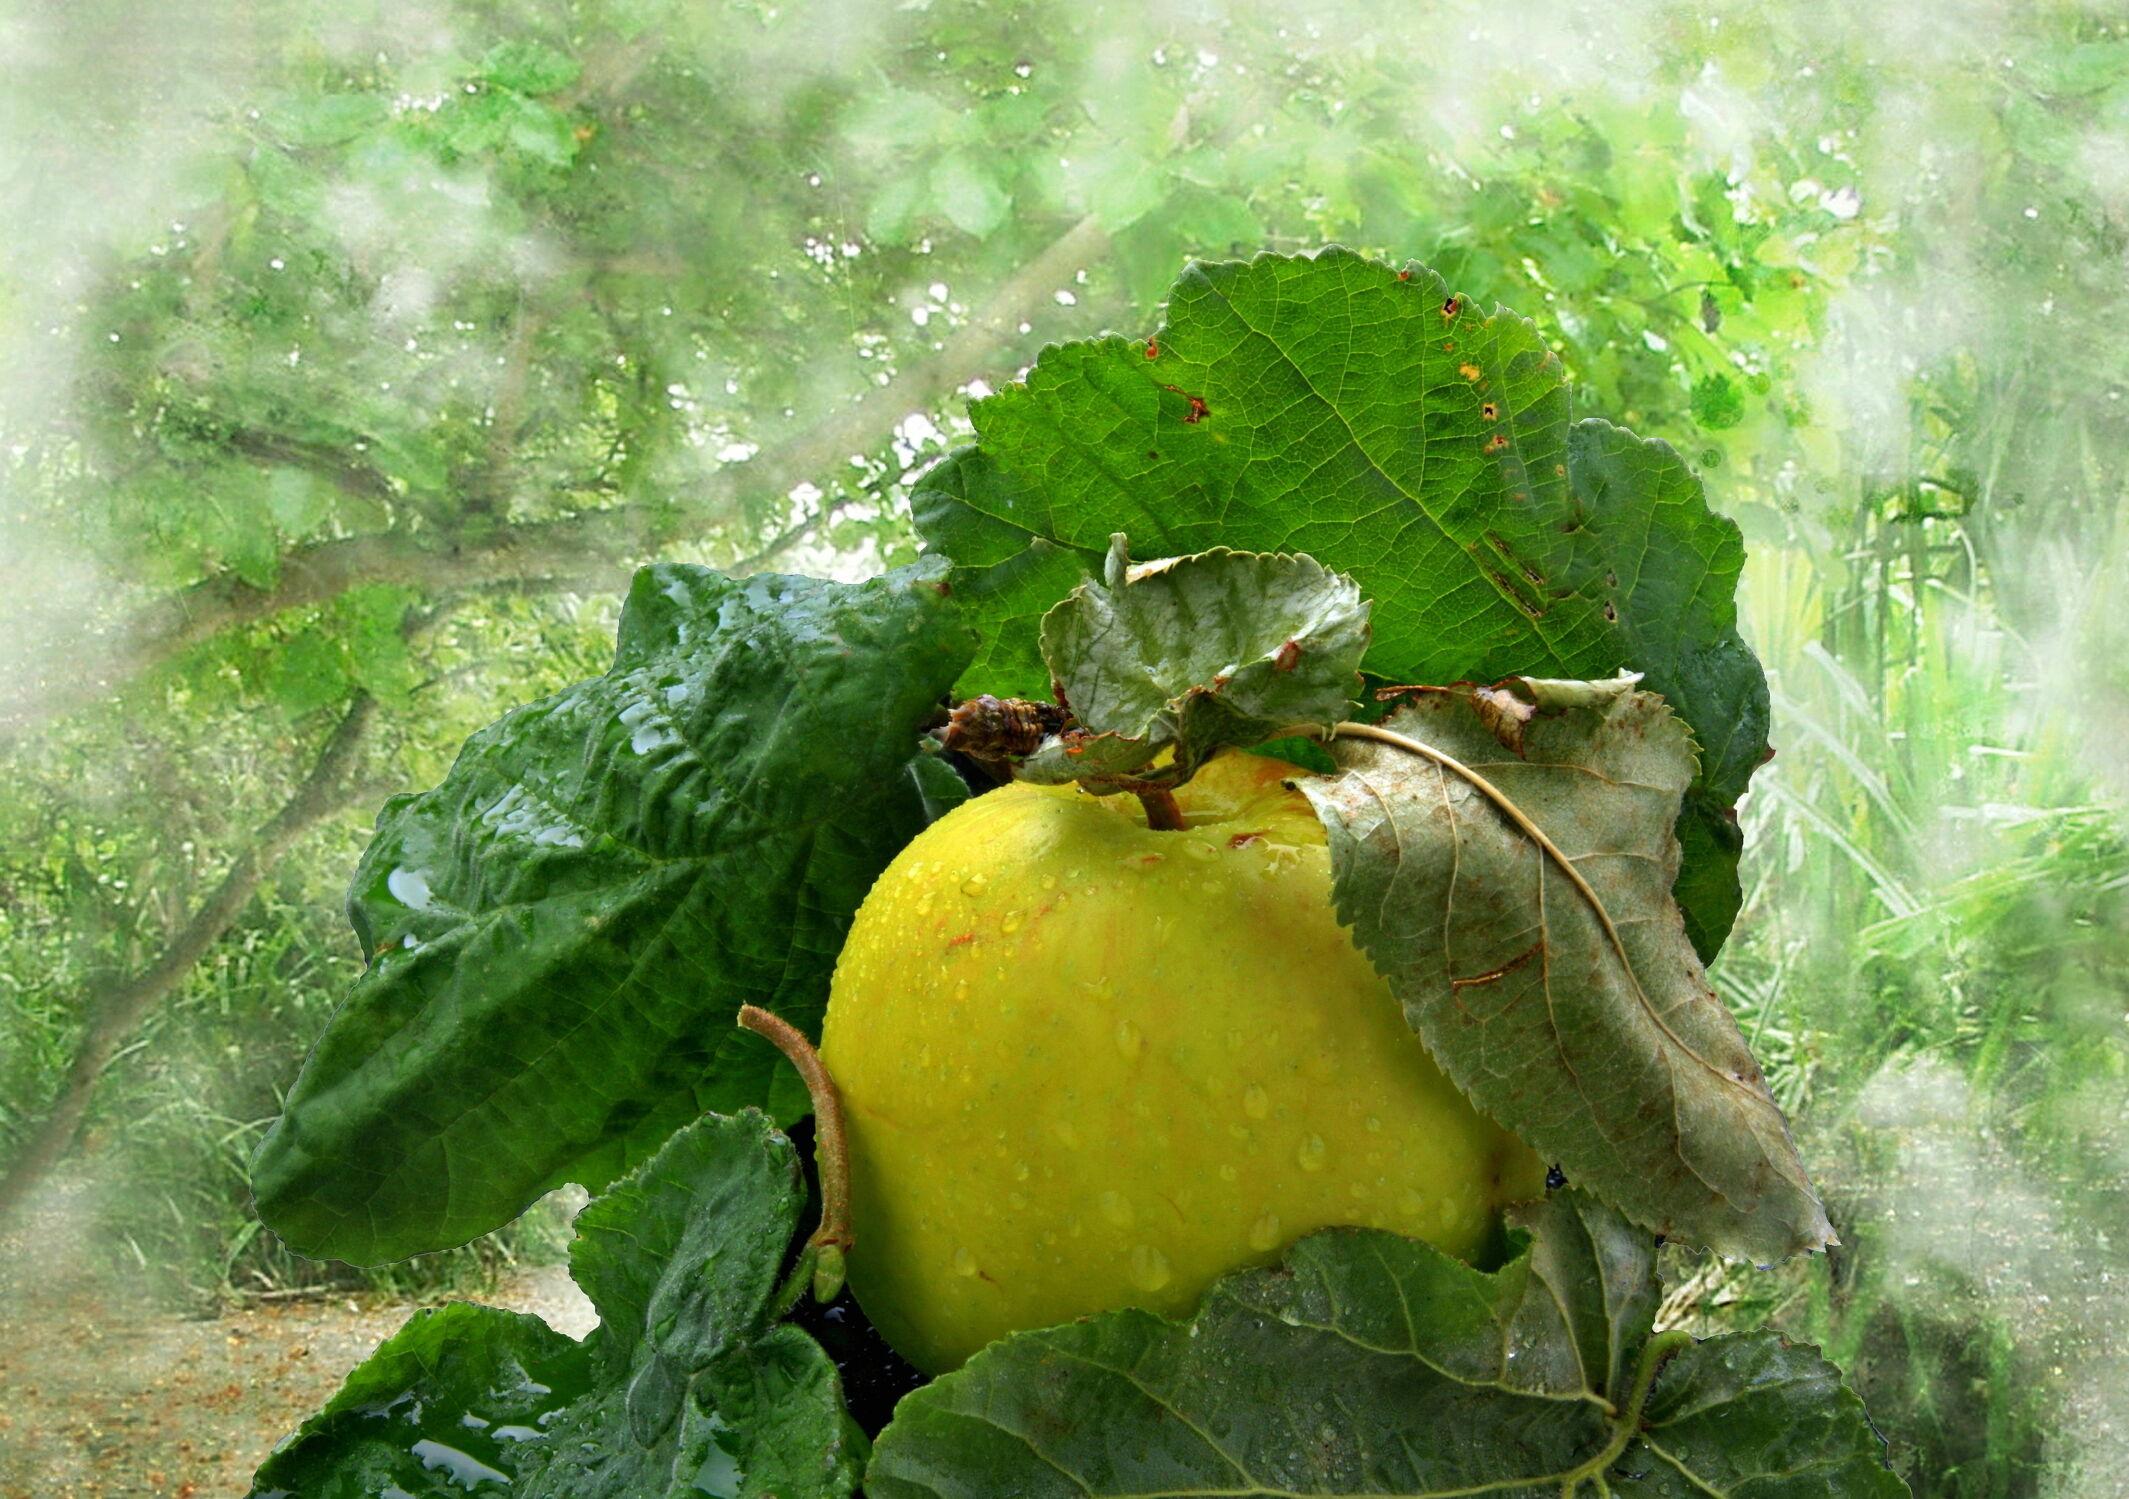 Bild mit Natur, Früchte, Herbst, Nebel, Wald, Blätter, Frucht, Obst, Apfel, Apfel, garten